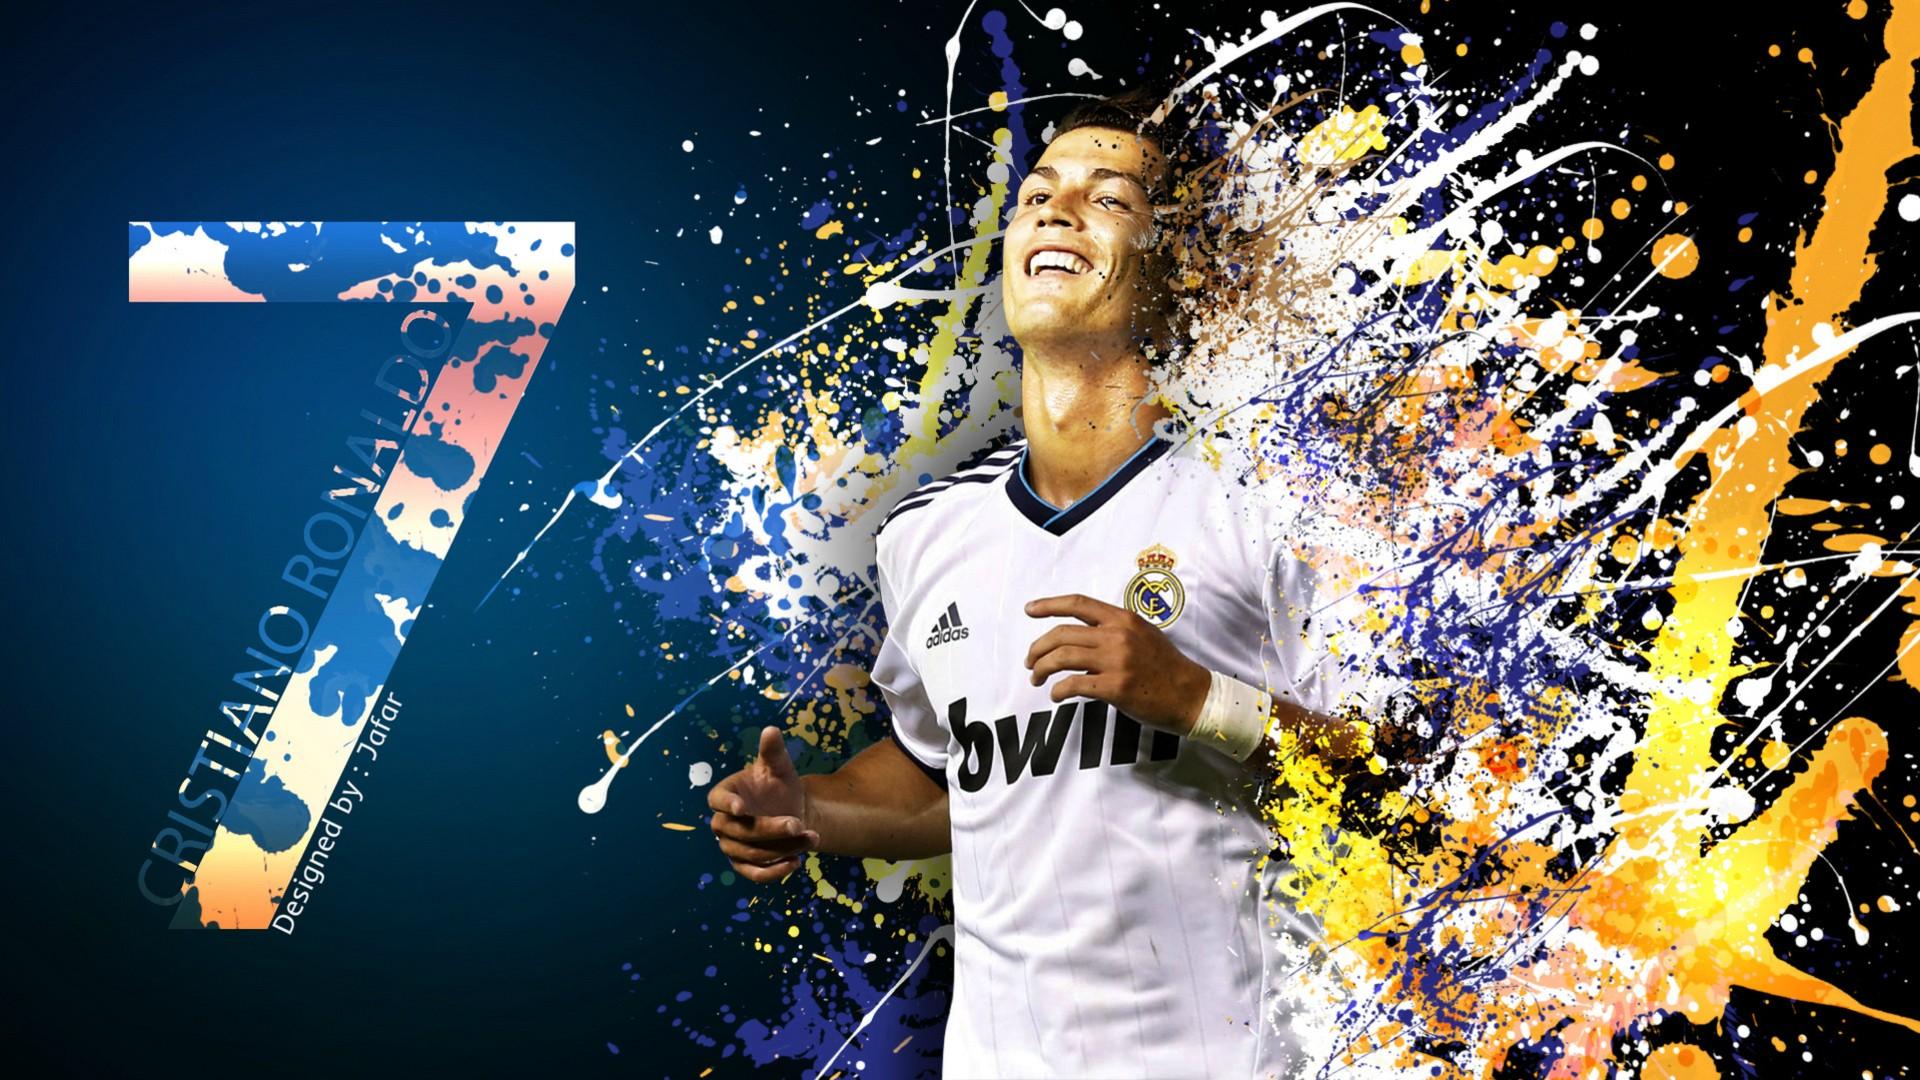 Chiêm Ngưỡng 3000 Hình ảnh Ronaldo đẹp Nhất Thế Giới 13